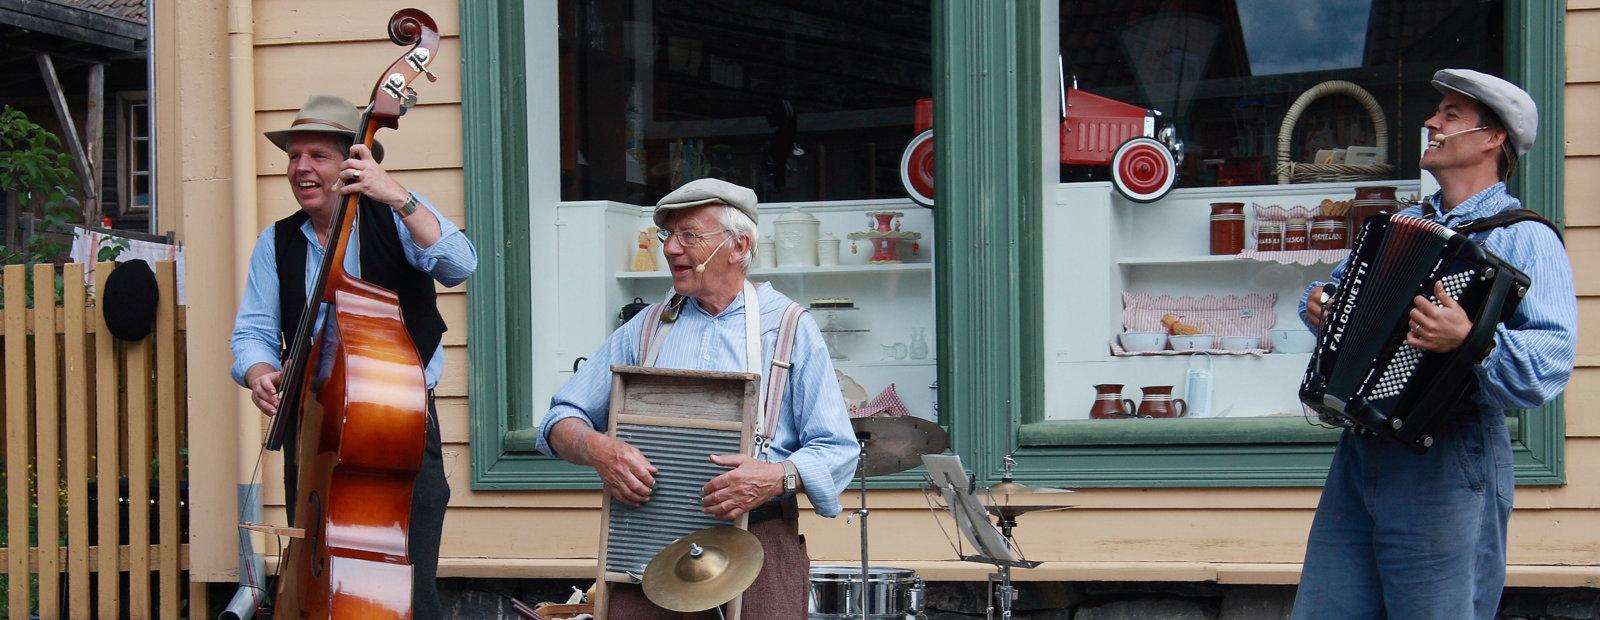 Musikere i byen på Maihaugen, Lillehammer